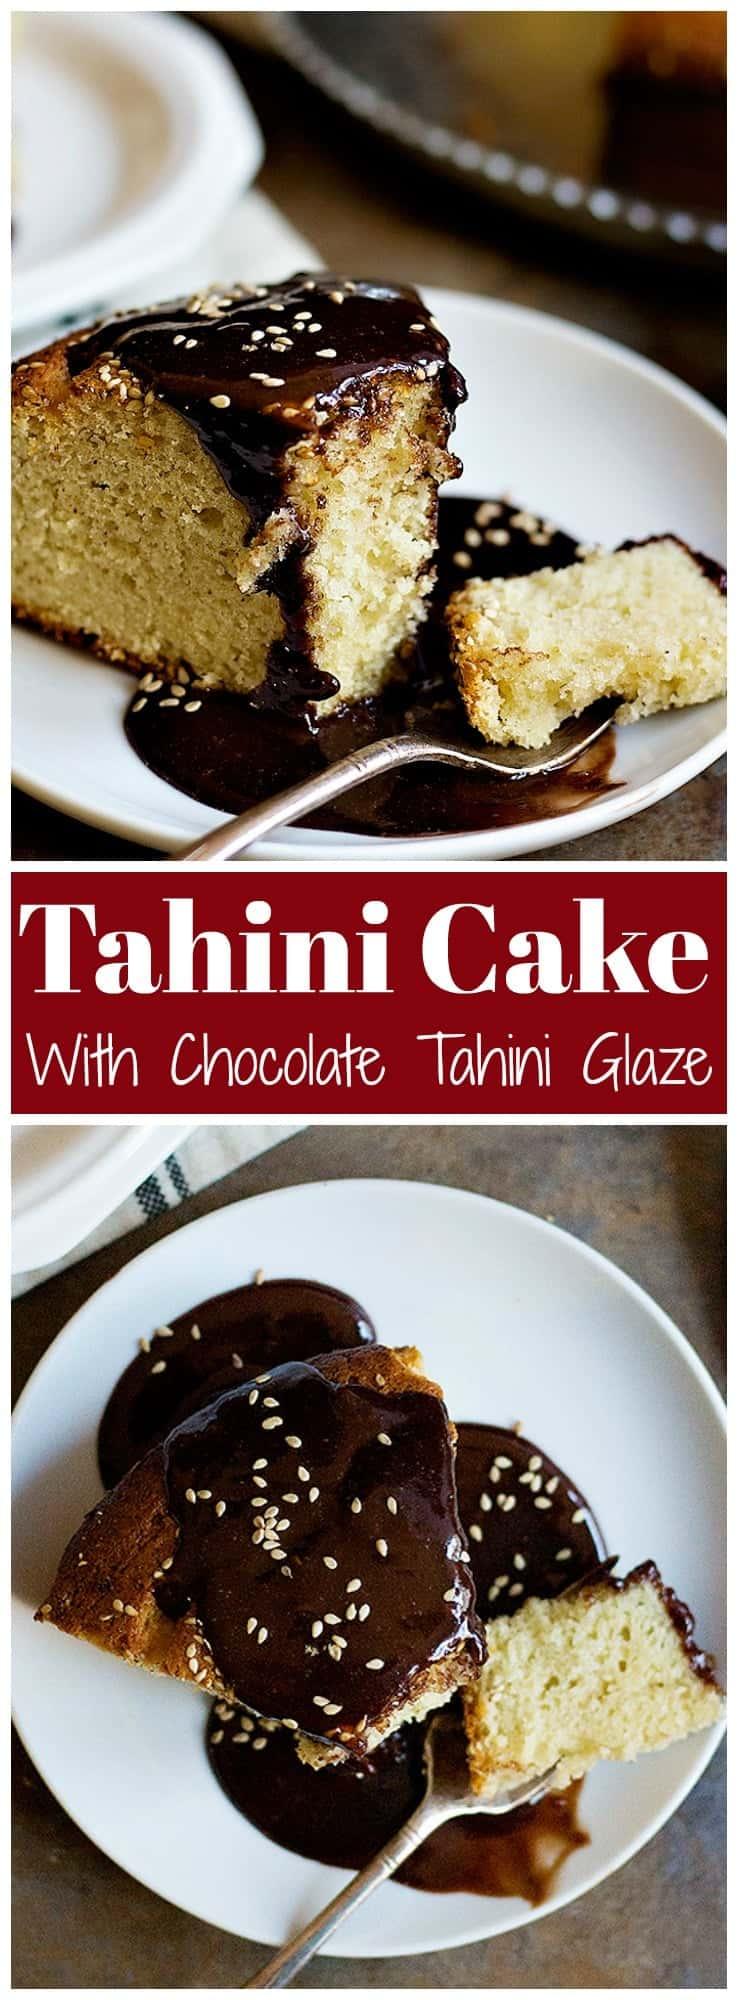 Tahini Cake | Tahini Cake Recipe | Sesame Seeds Cake | Chocolate Tahini Glaze | Tea Cake | #tahini #cake #Chocolate